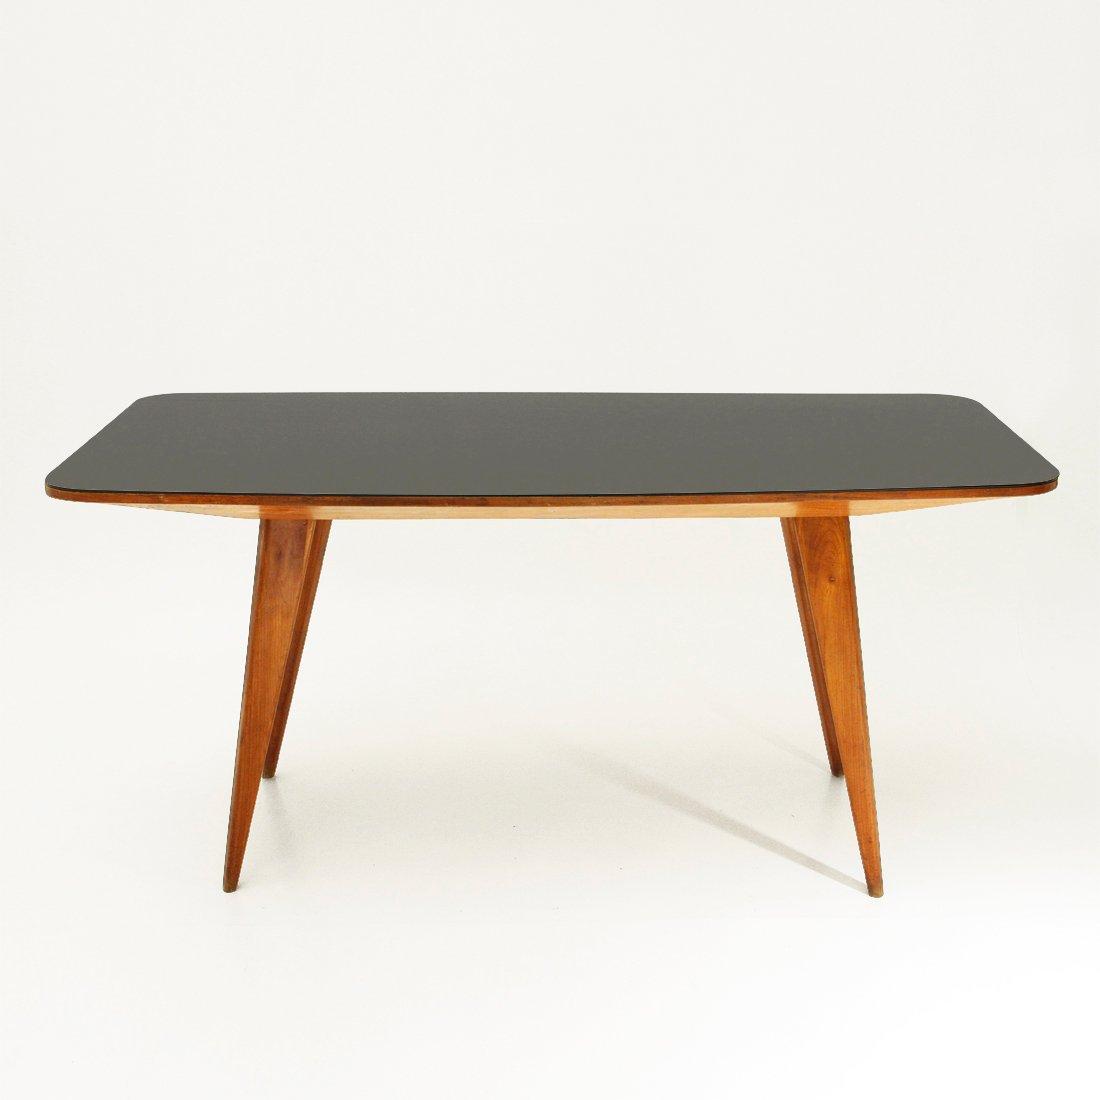 table de salle manger en bois avec plateau en verre noir italie 1950s en vente sur pamono. Black Bedroom Furniture Sets. Home Design Ideas